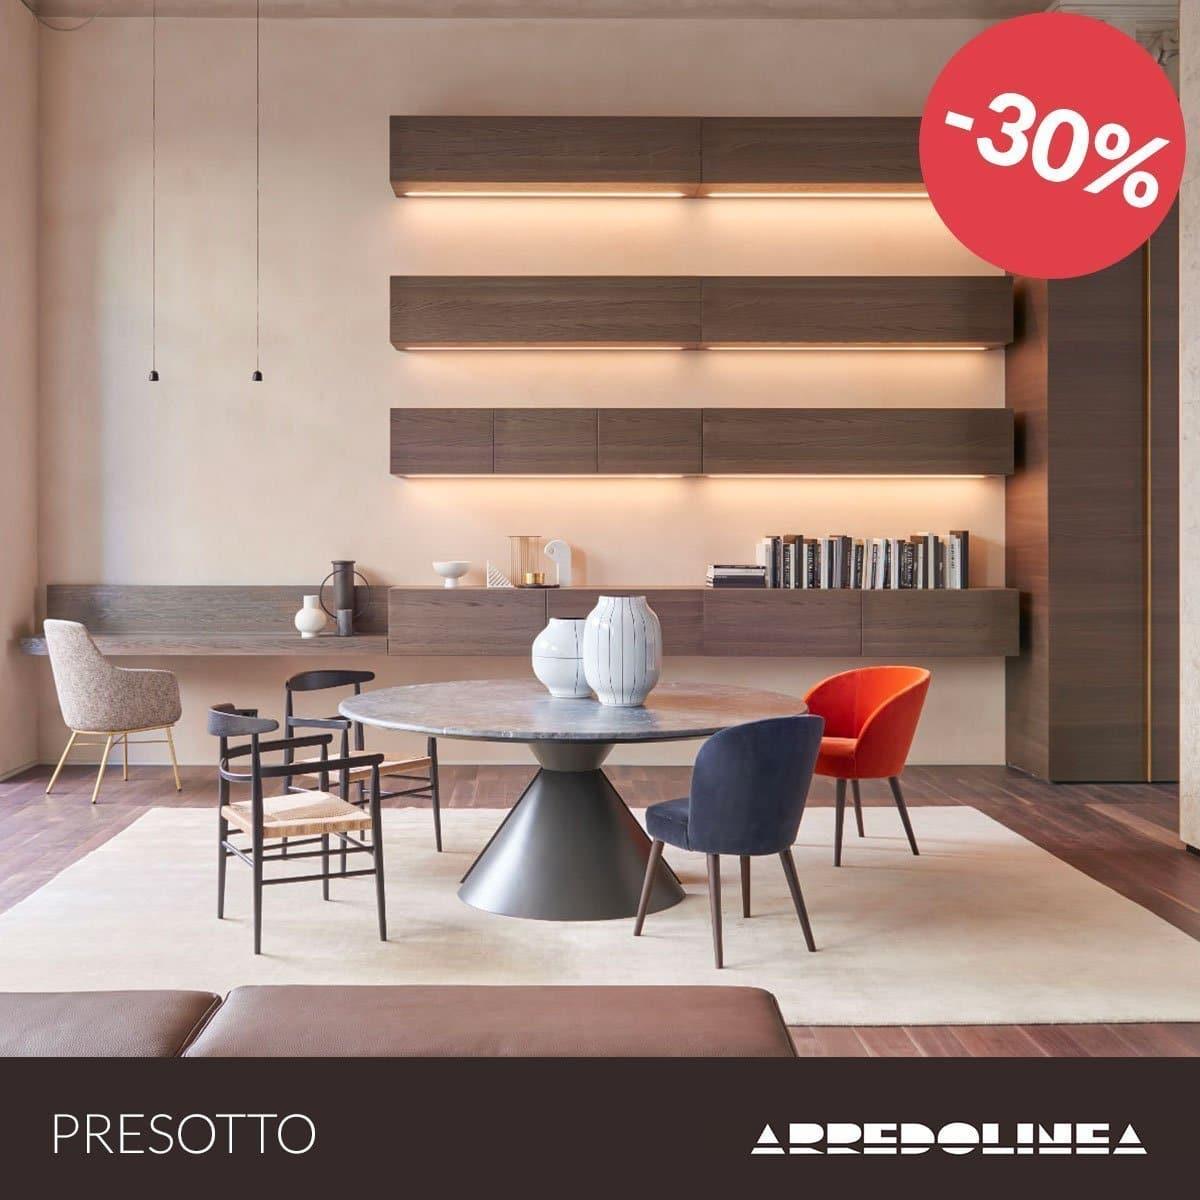 Promo 2020 - Presotto